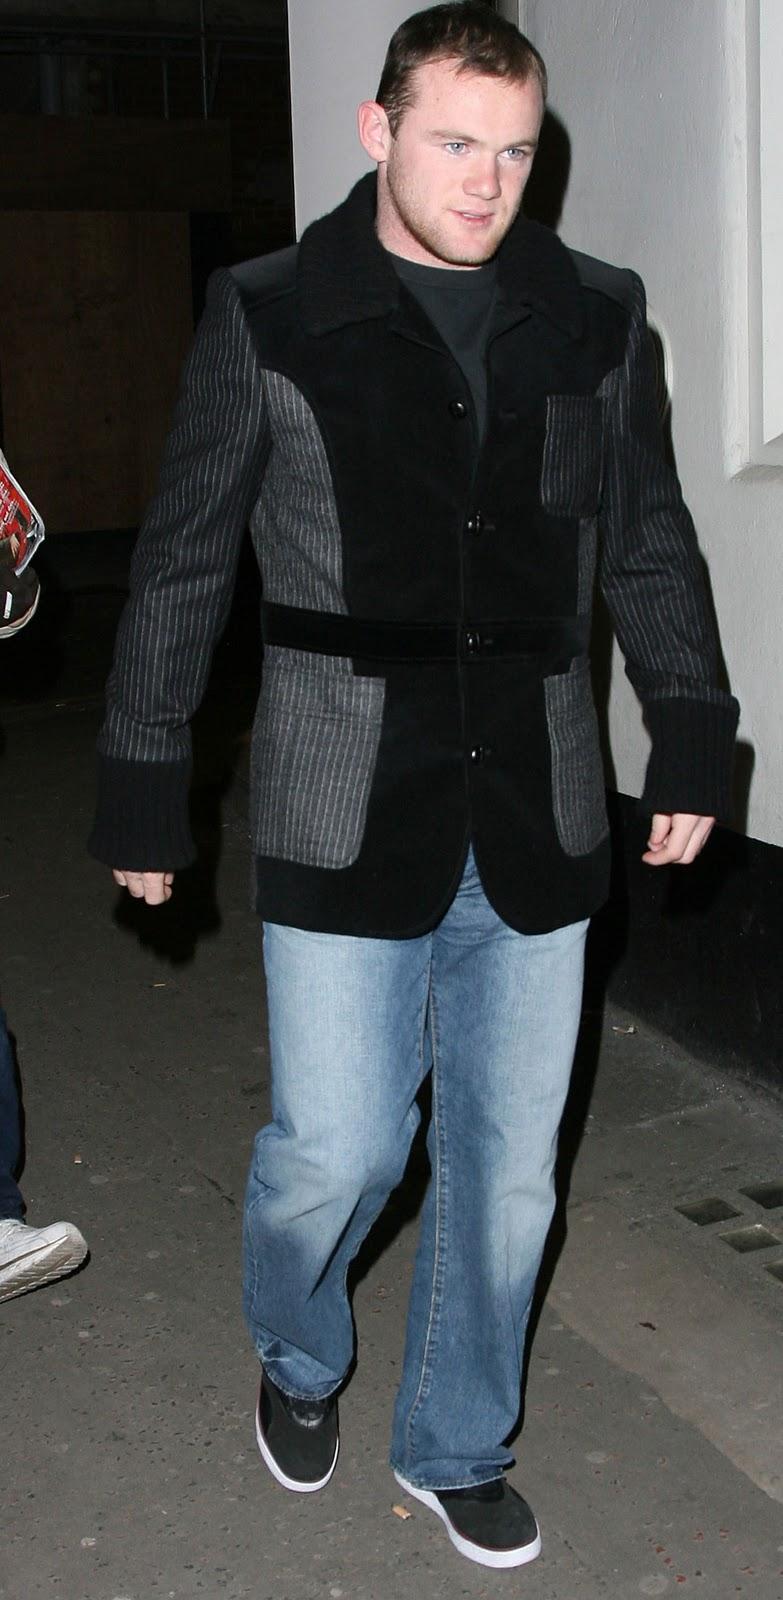 Wayne Rooney Jacket wayne rooney jacket jpg